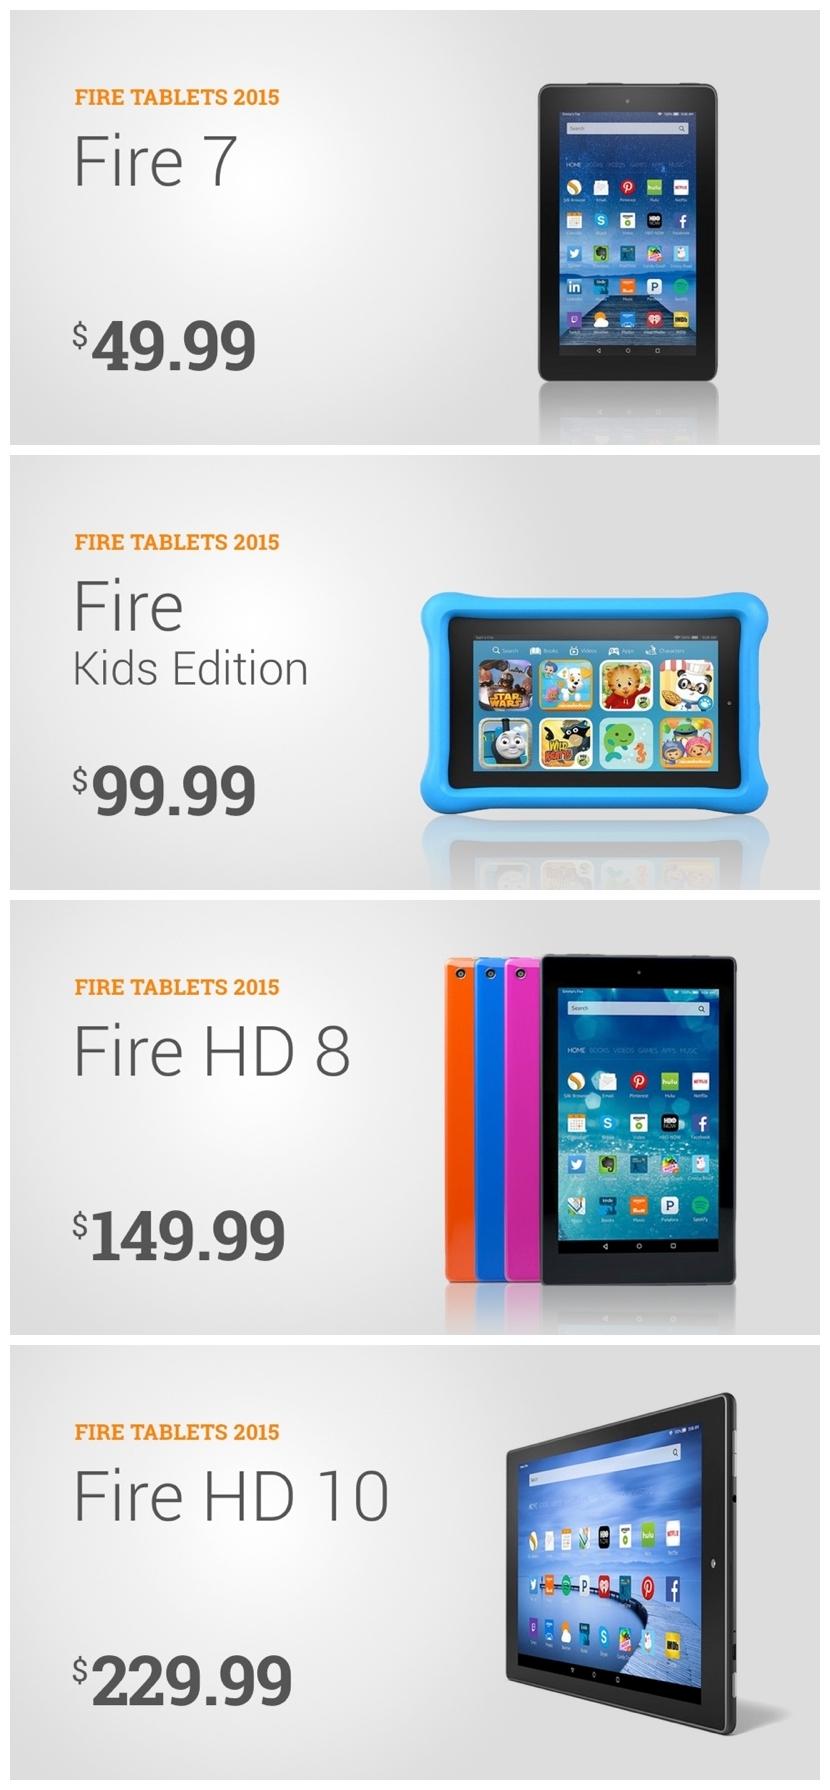 Amazon Fire tablets 2015: comparisons, tech specs, pictures, more